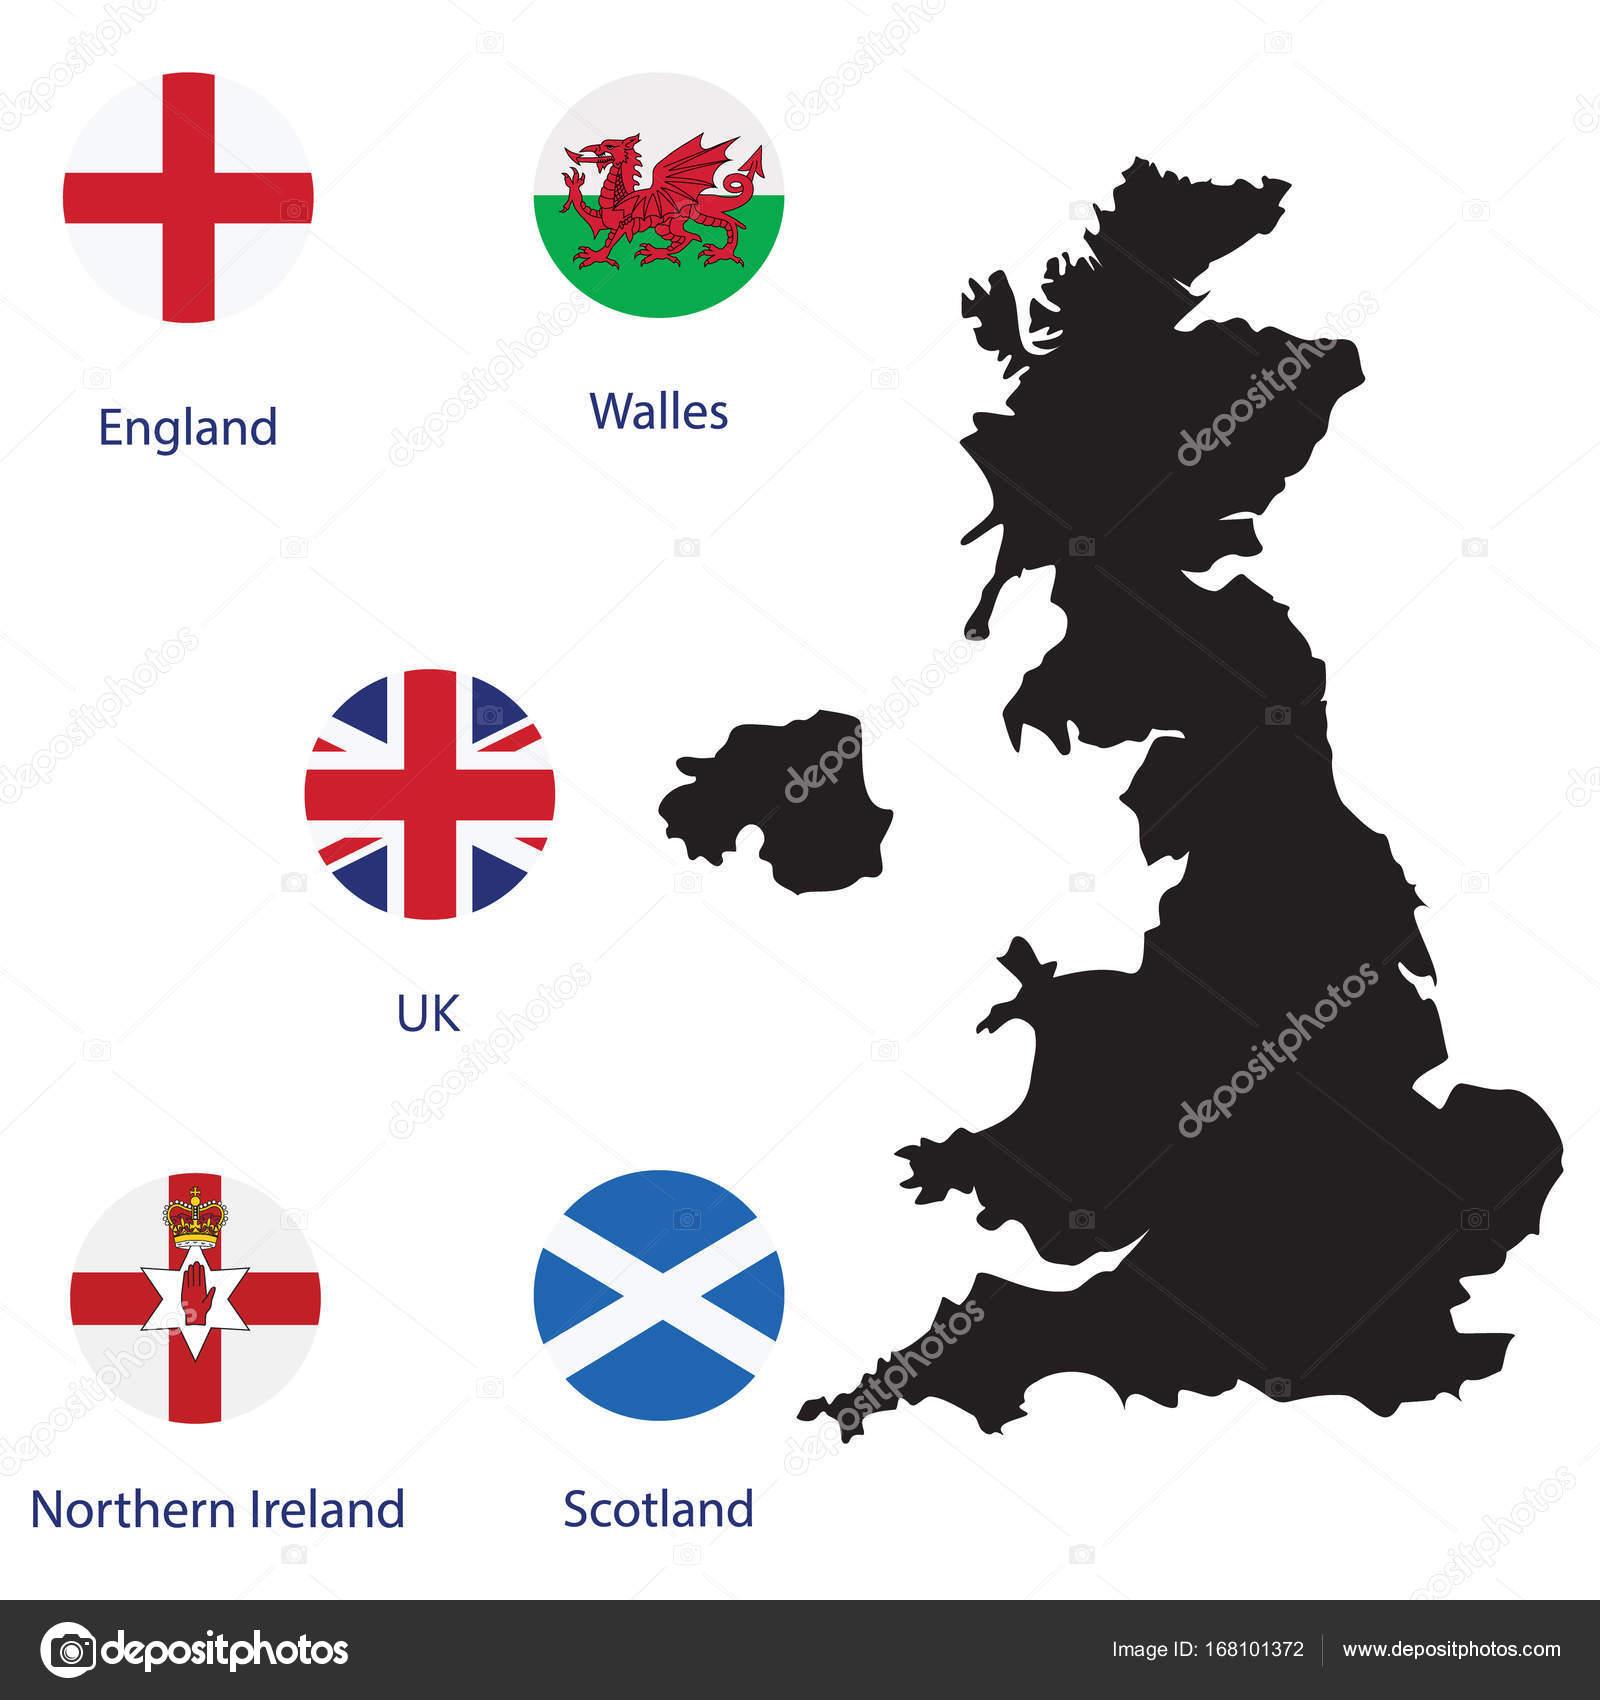 Immagini Della Cartina Della Gran Bretagna.Foto Gran Bretagna Mappa Raster Immagini Gran Bretagna Mappa Raster Da Scaricare Foto Stock Depositphotos